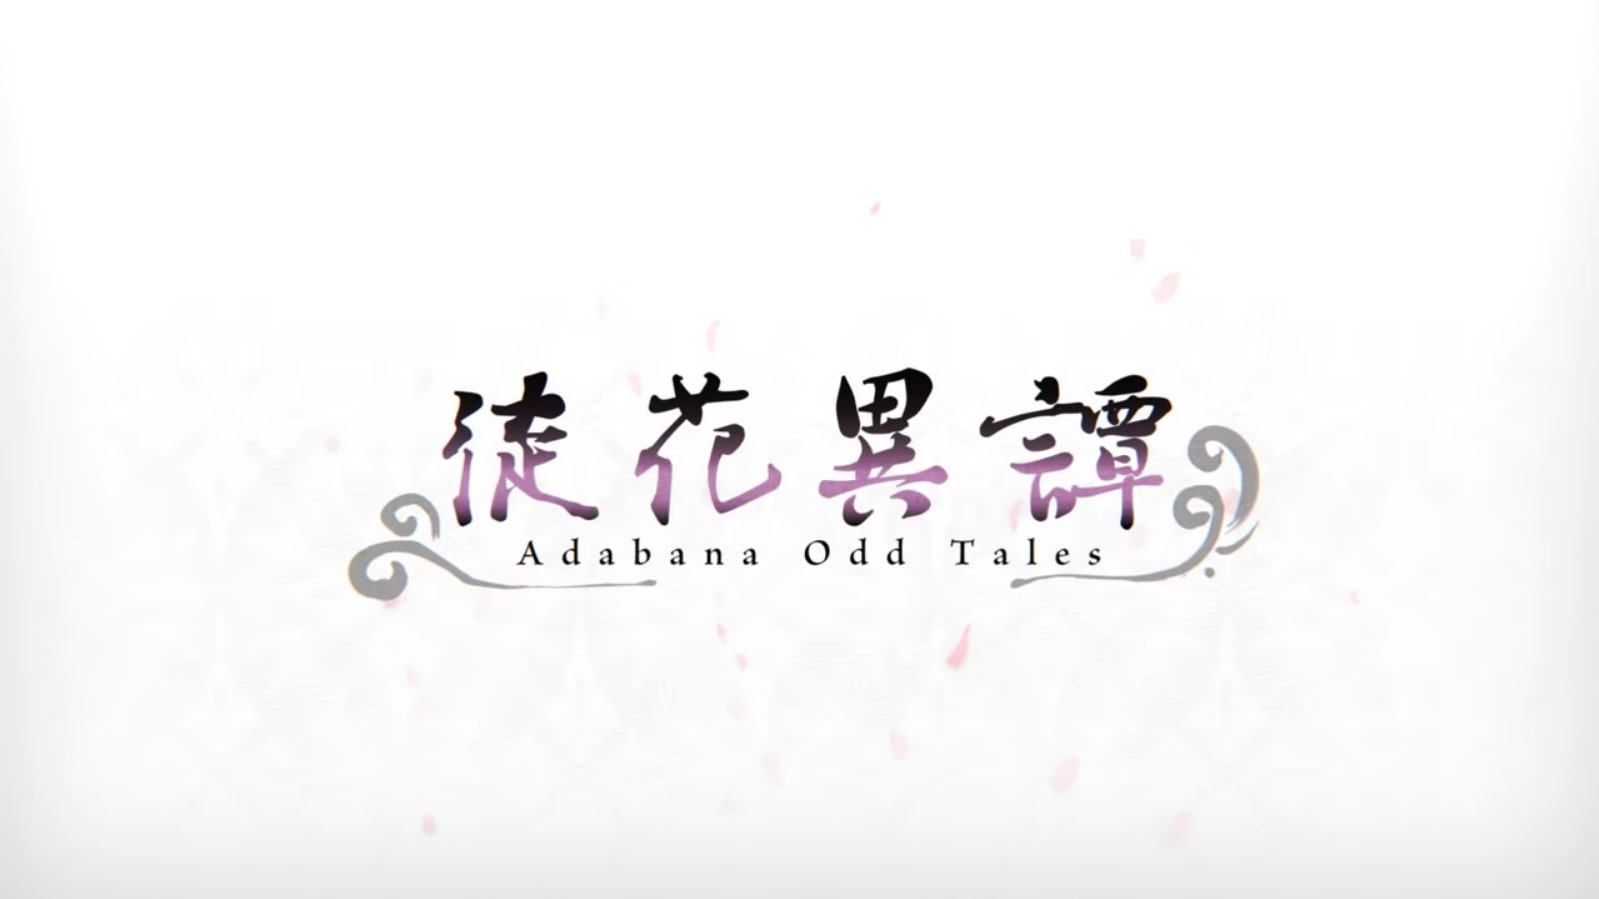 Aniplex muestra el nuevo tráiler y opening de Adabana Odd Tales